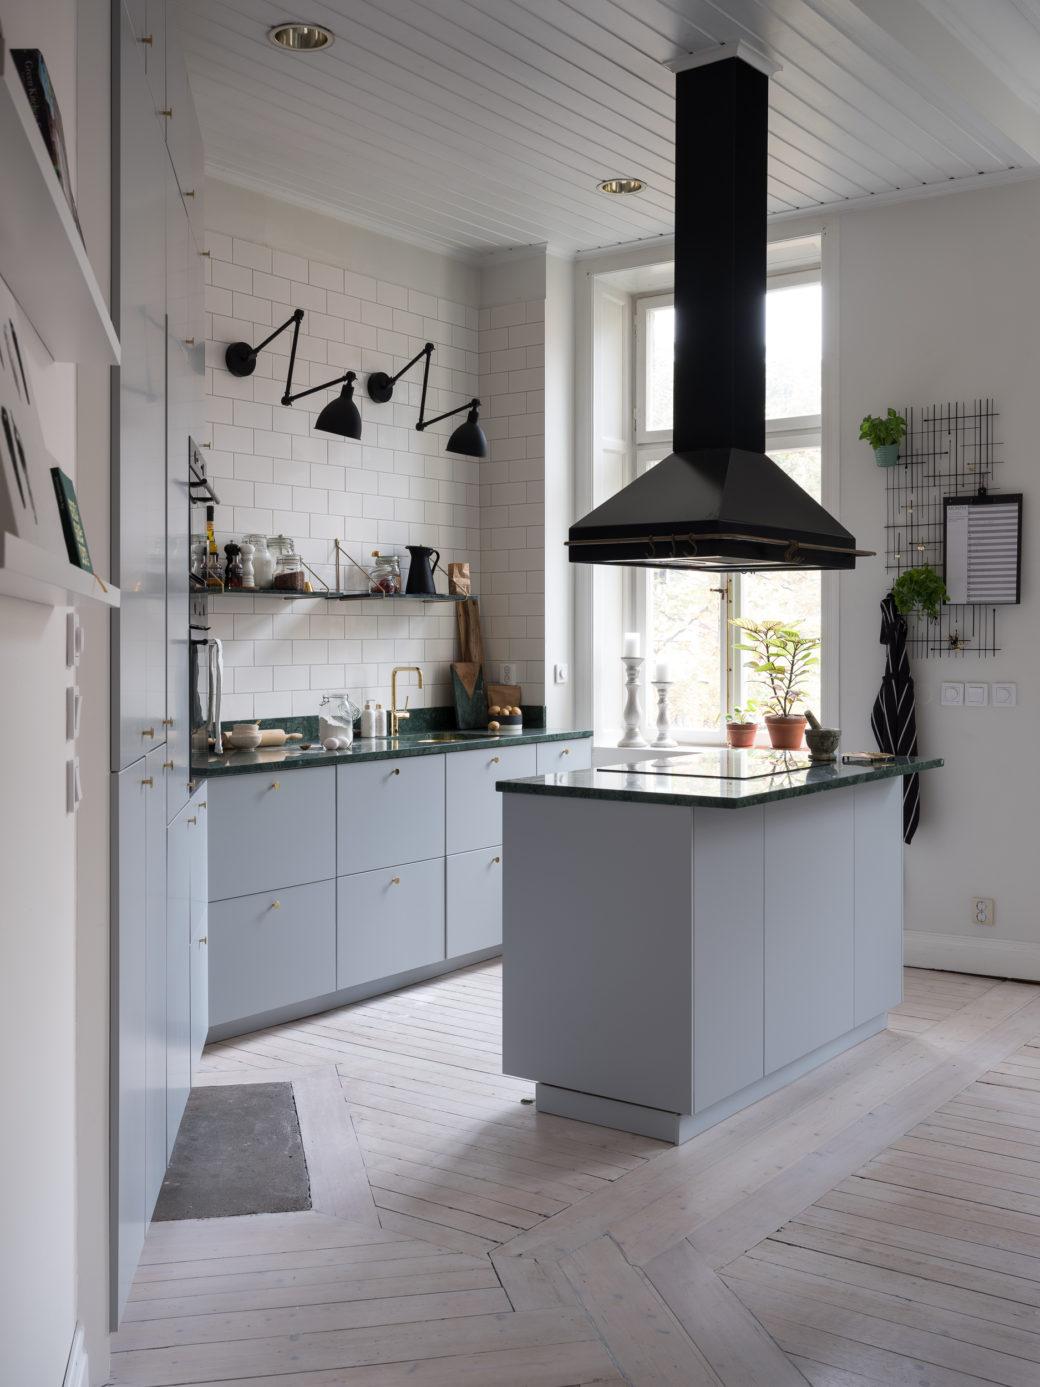 Cuisine Gris Clair cuisine grise en laiton et marbre vert - home-staging déco